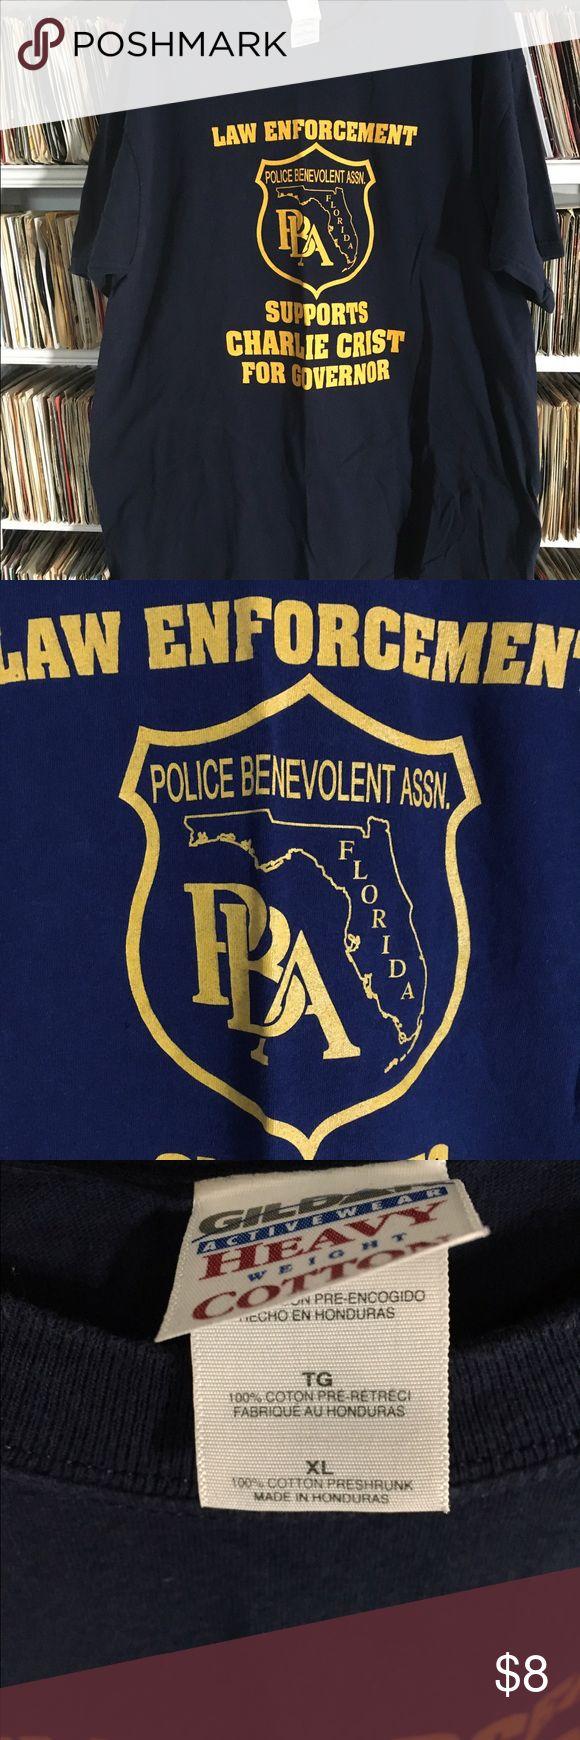 Florida PBA Charlie Crist for governor T-shirt Florida police benevolent association t-shirt. Law enforcement supporting Charlie Crist for governor. Vintage Shirts Tees - Short Sleeve